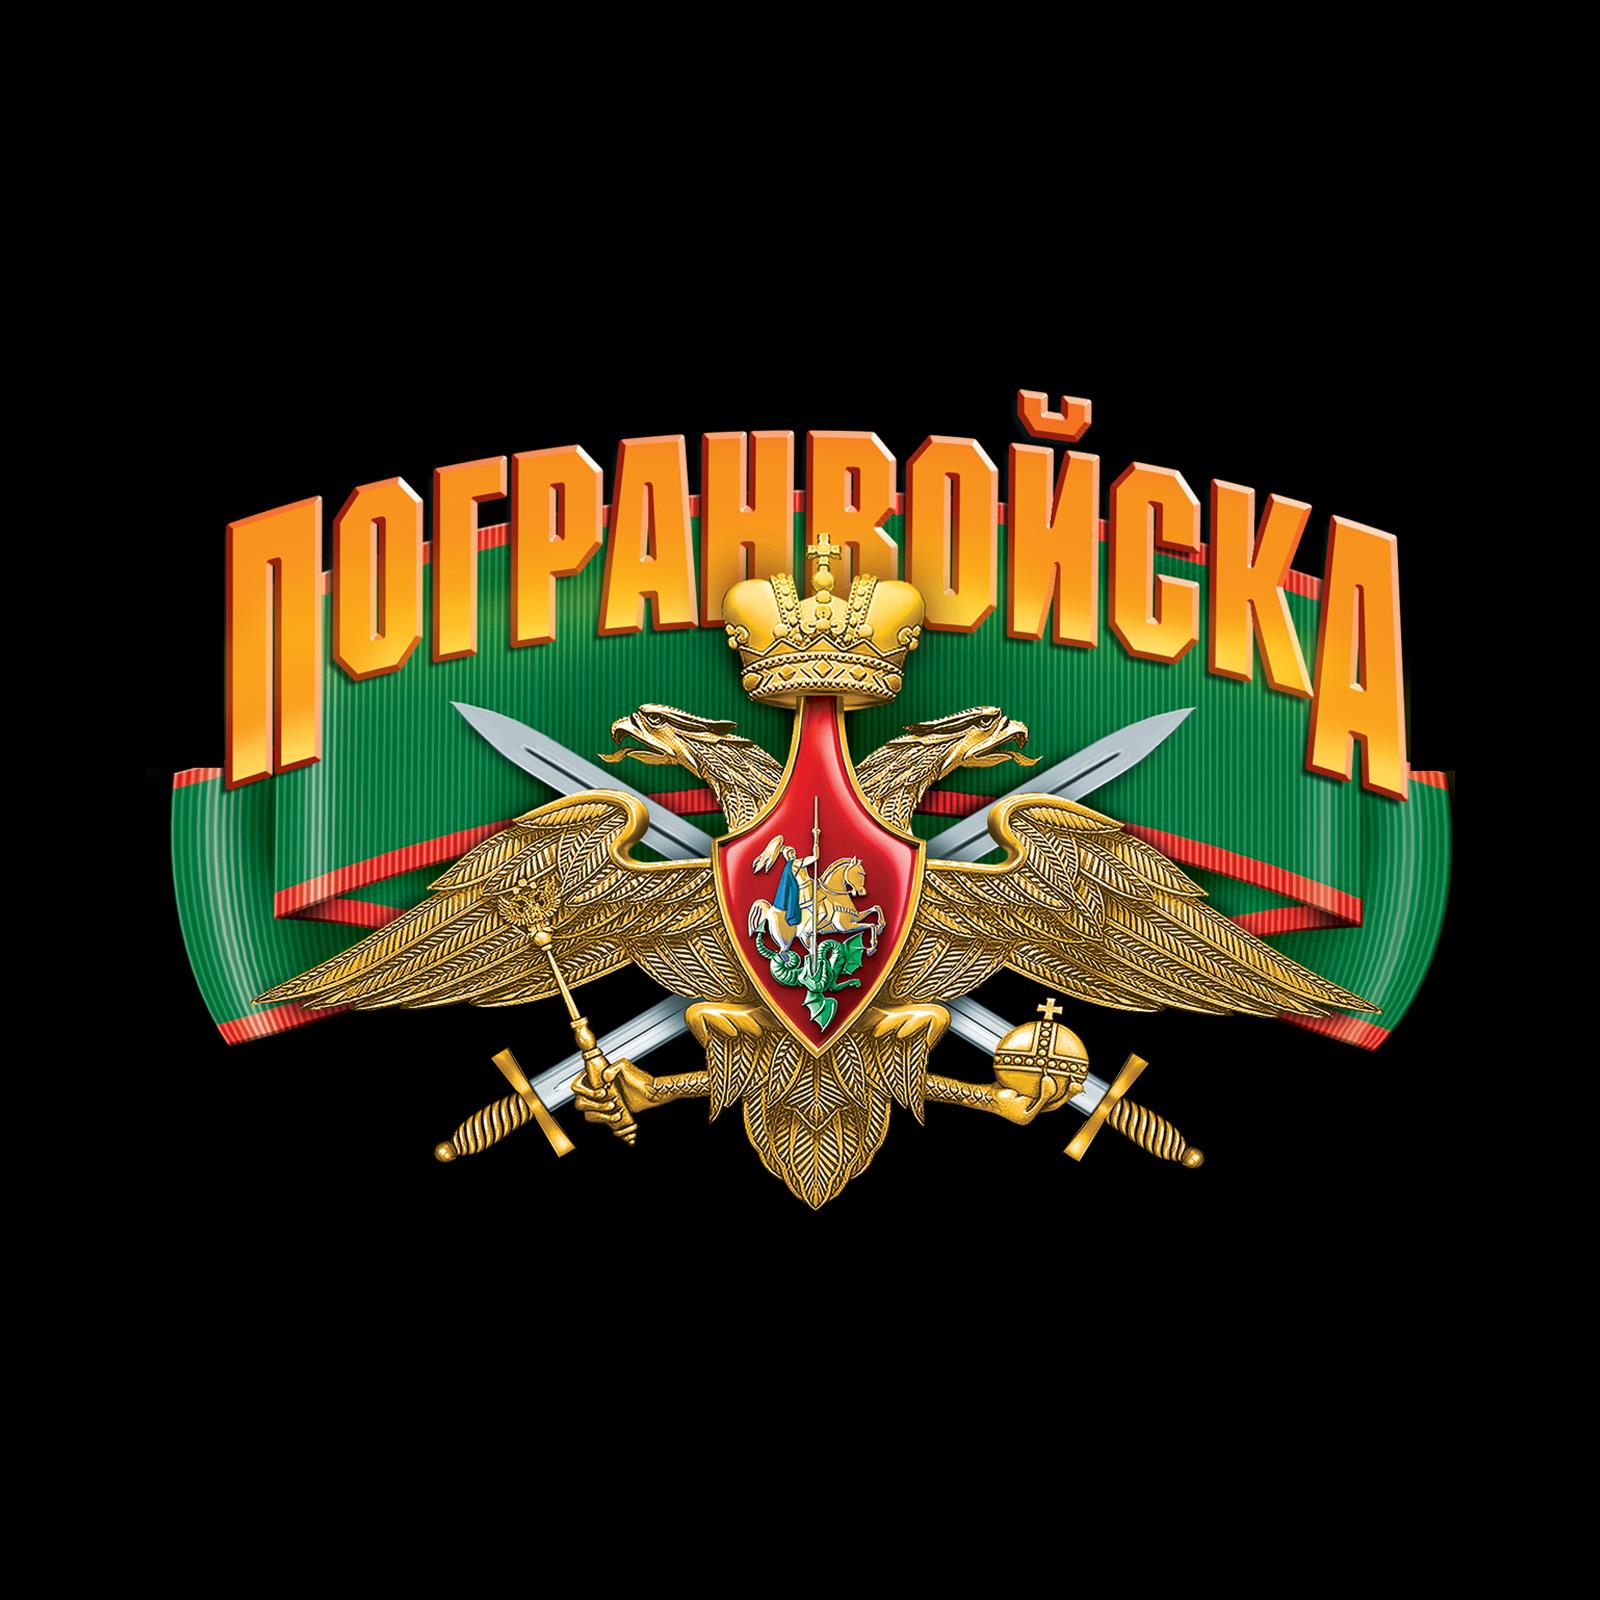 Картинки пограничных войск россии, прикольная спокойной ночи